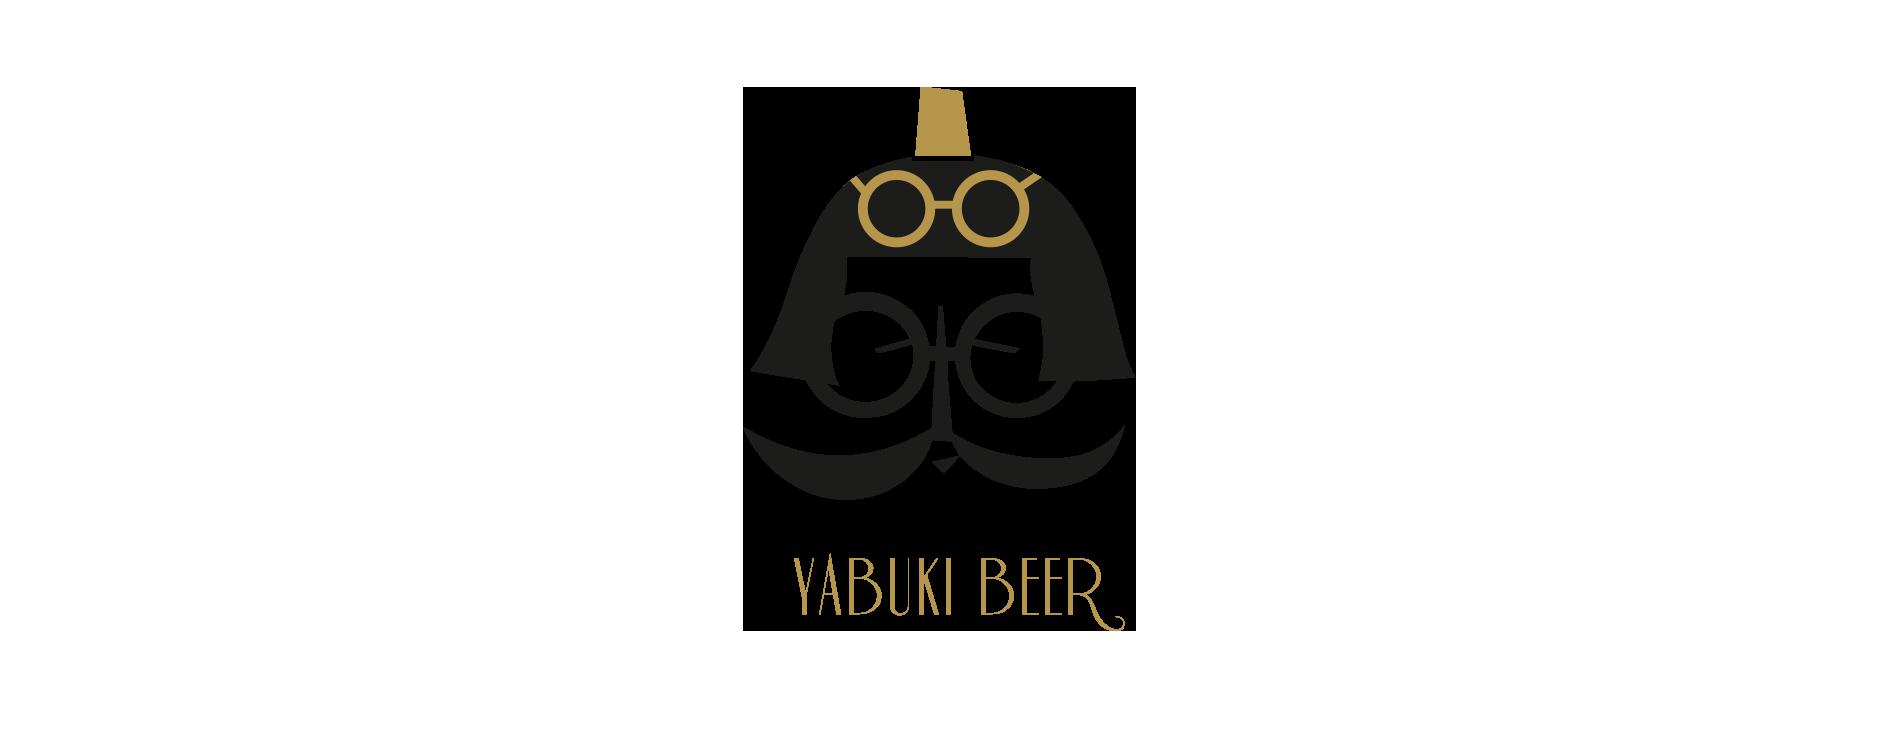 ヤブキビール